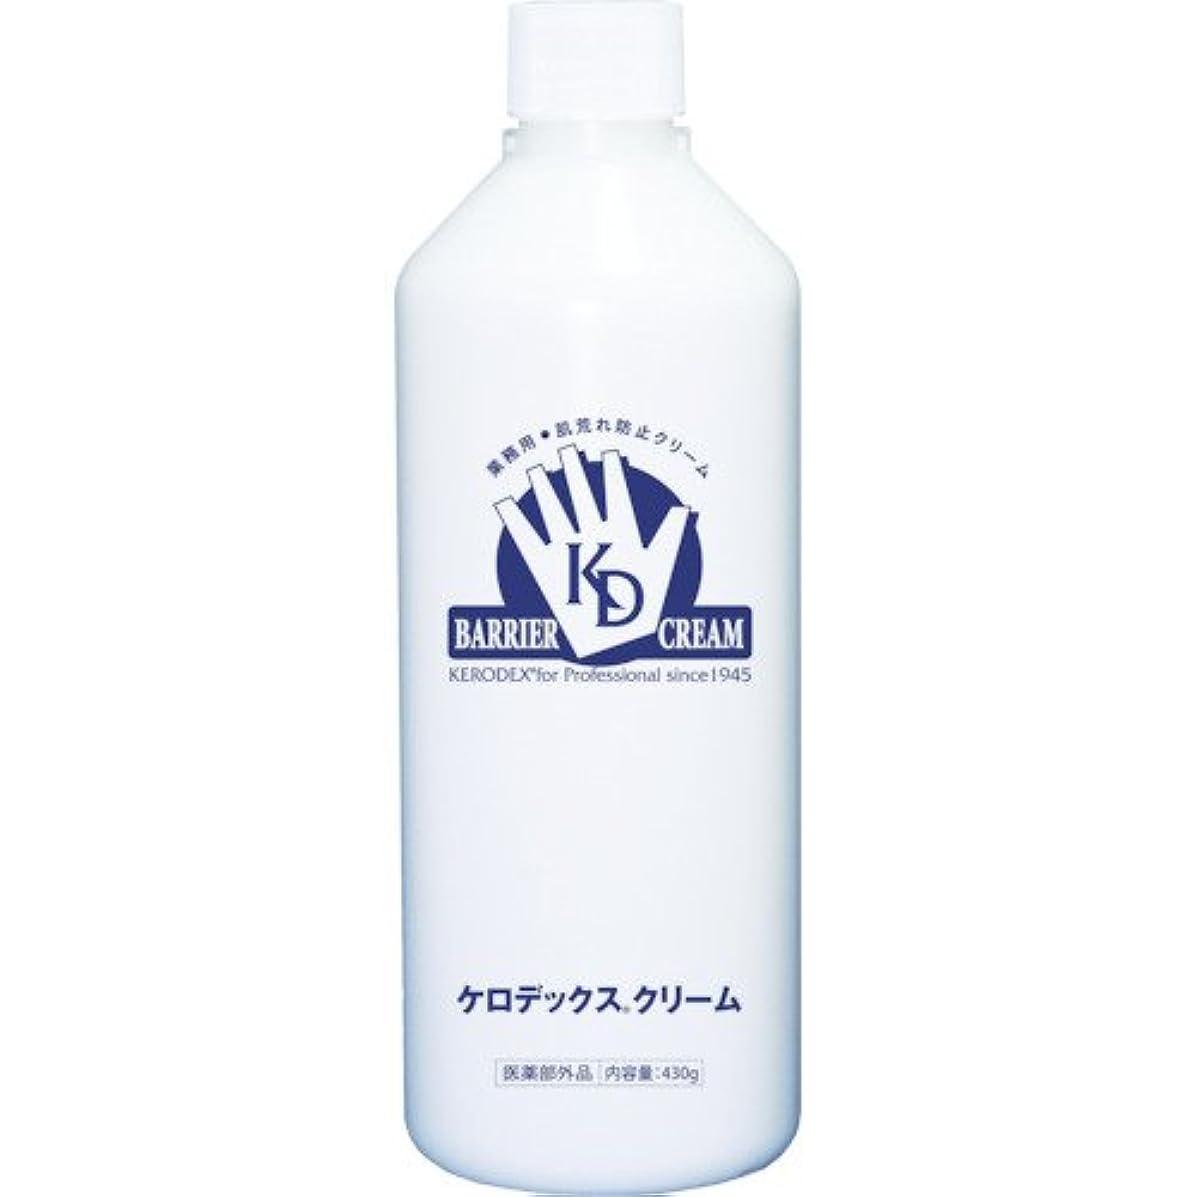 疑わしいカップ救急車ケロデックスクリーム ボトルタイプ 詰替用 430g